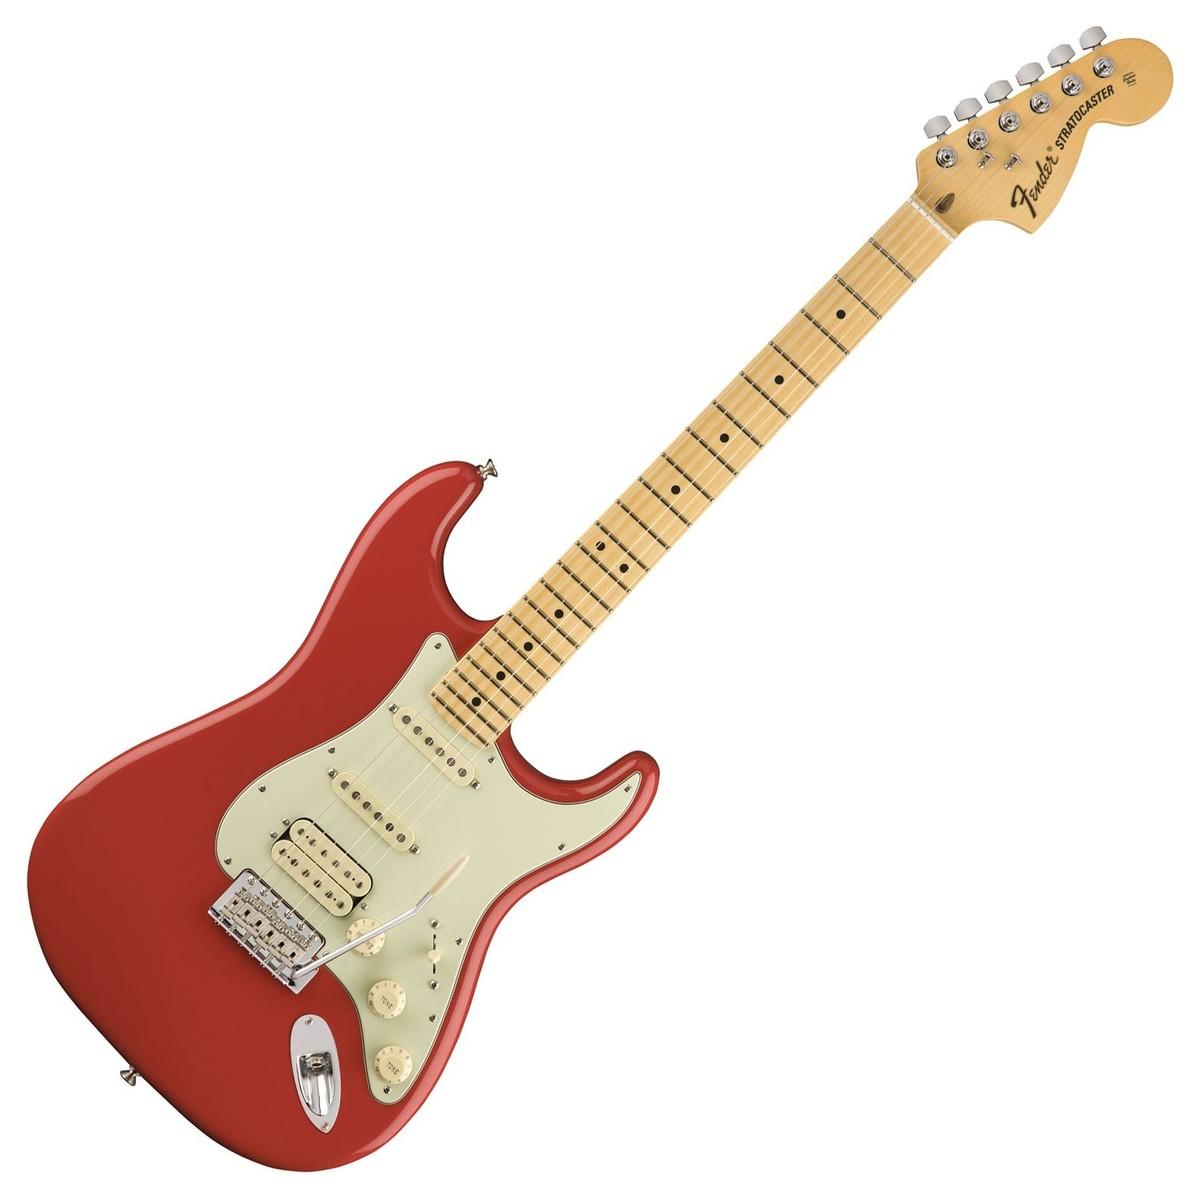 American Special Stratocaster : fender american special stratocaster hss mn fiesta red at ~ Hamham.info Haus und Dekorationen